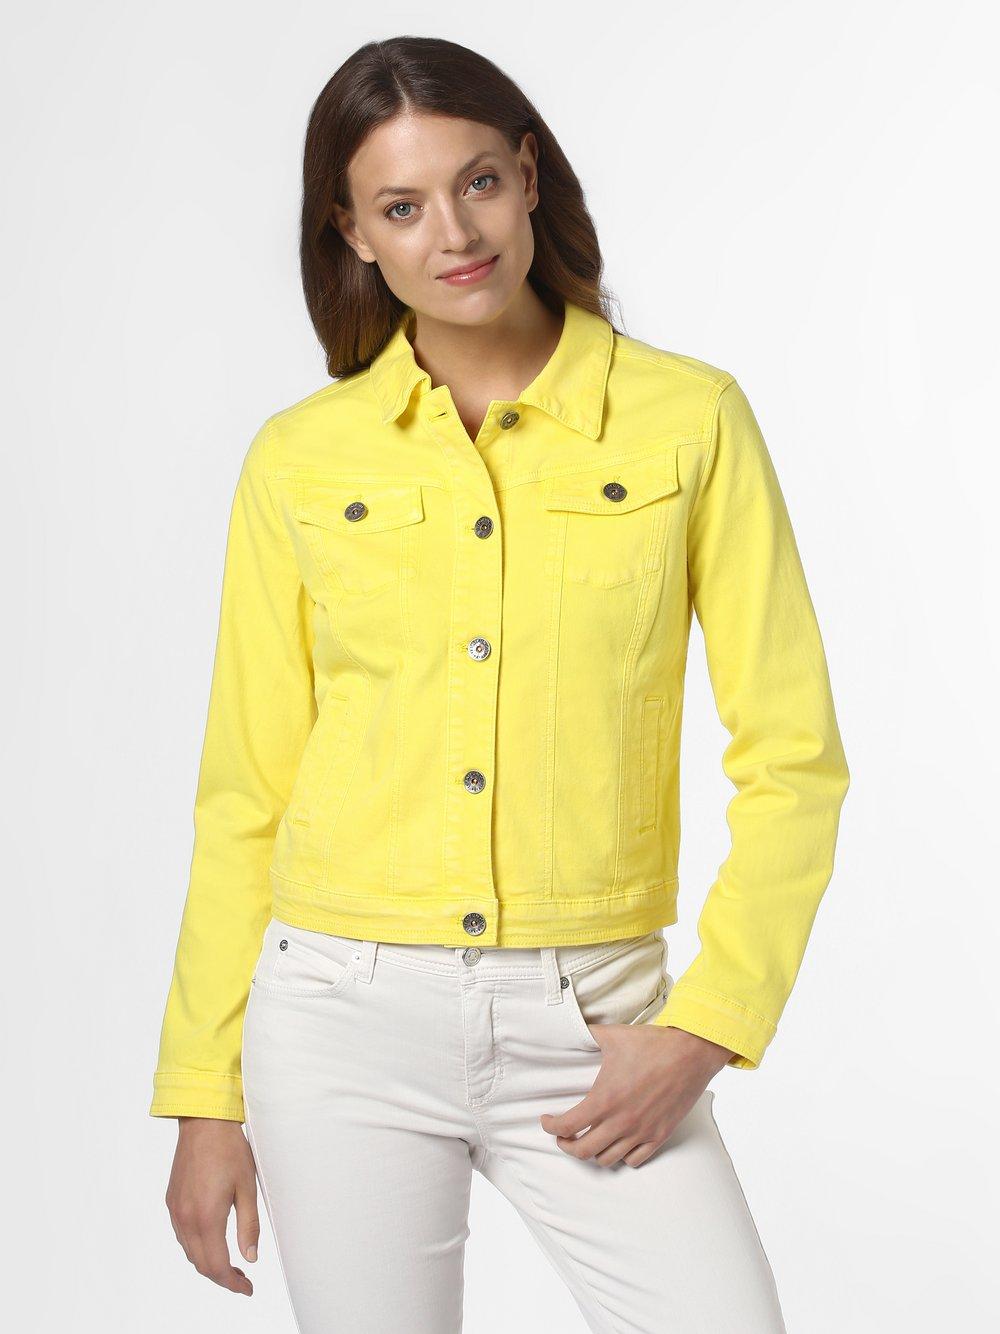 Taifun - Damska kurtka jeansowa, żółty